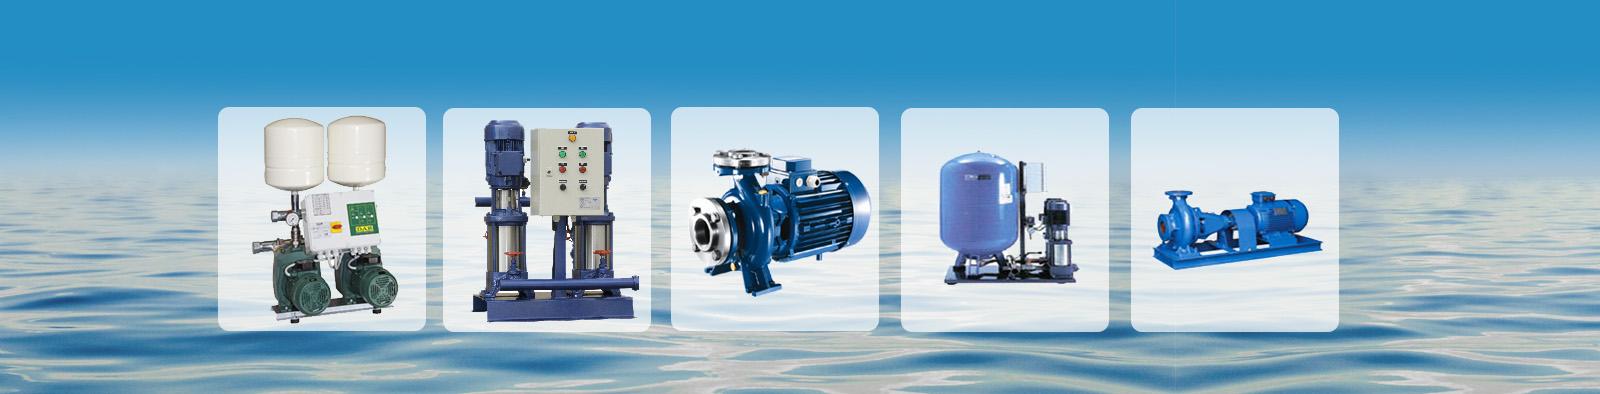 Booster Pumps,Transfer Pumps::AL MAHRAIN BLDG  MAT  TR  CO